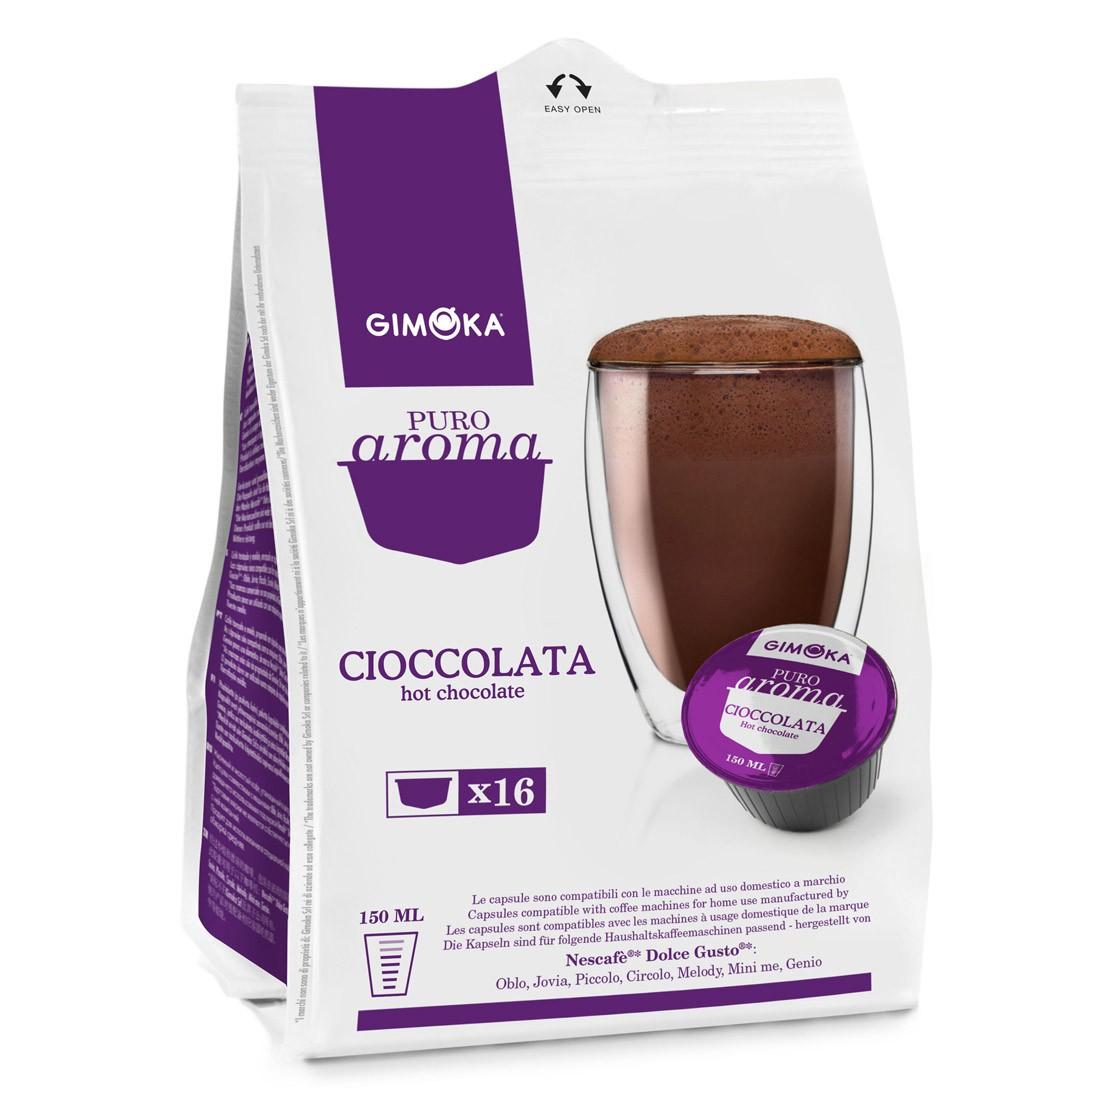 Cápsulas Compatível Dolce Gusto Cioccolata Gimoka - 16 un